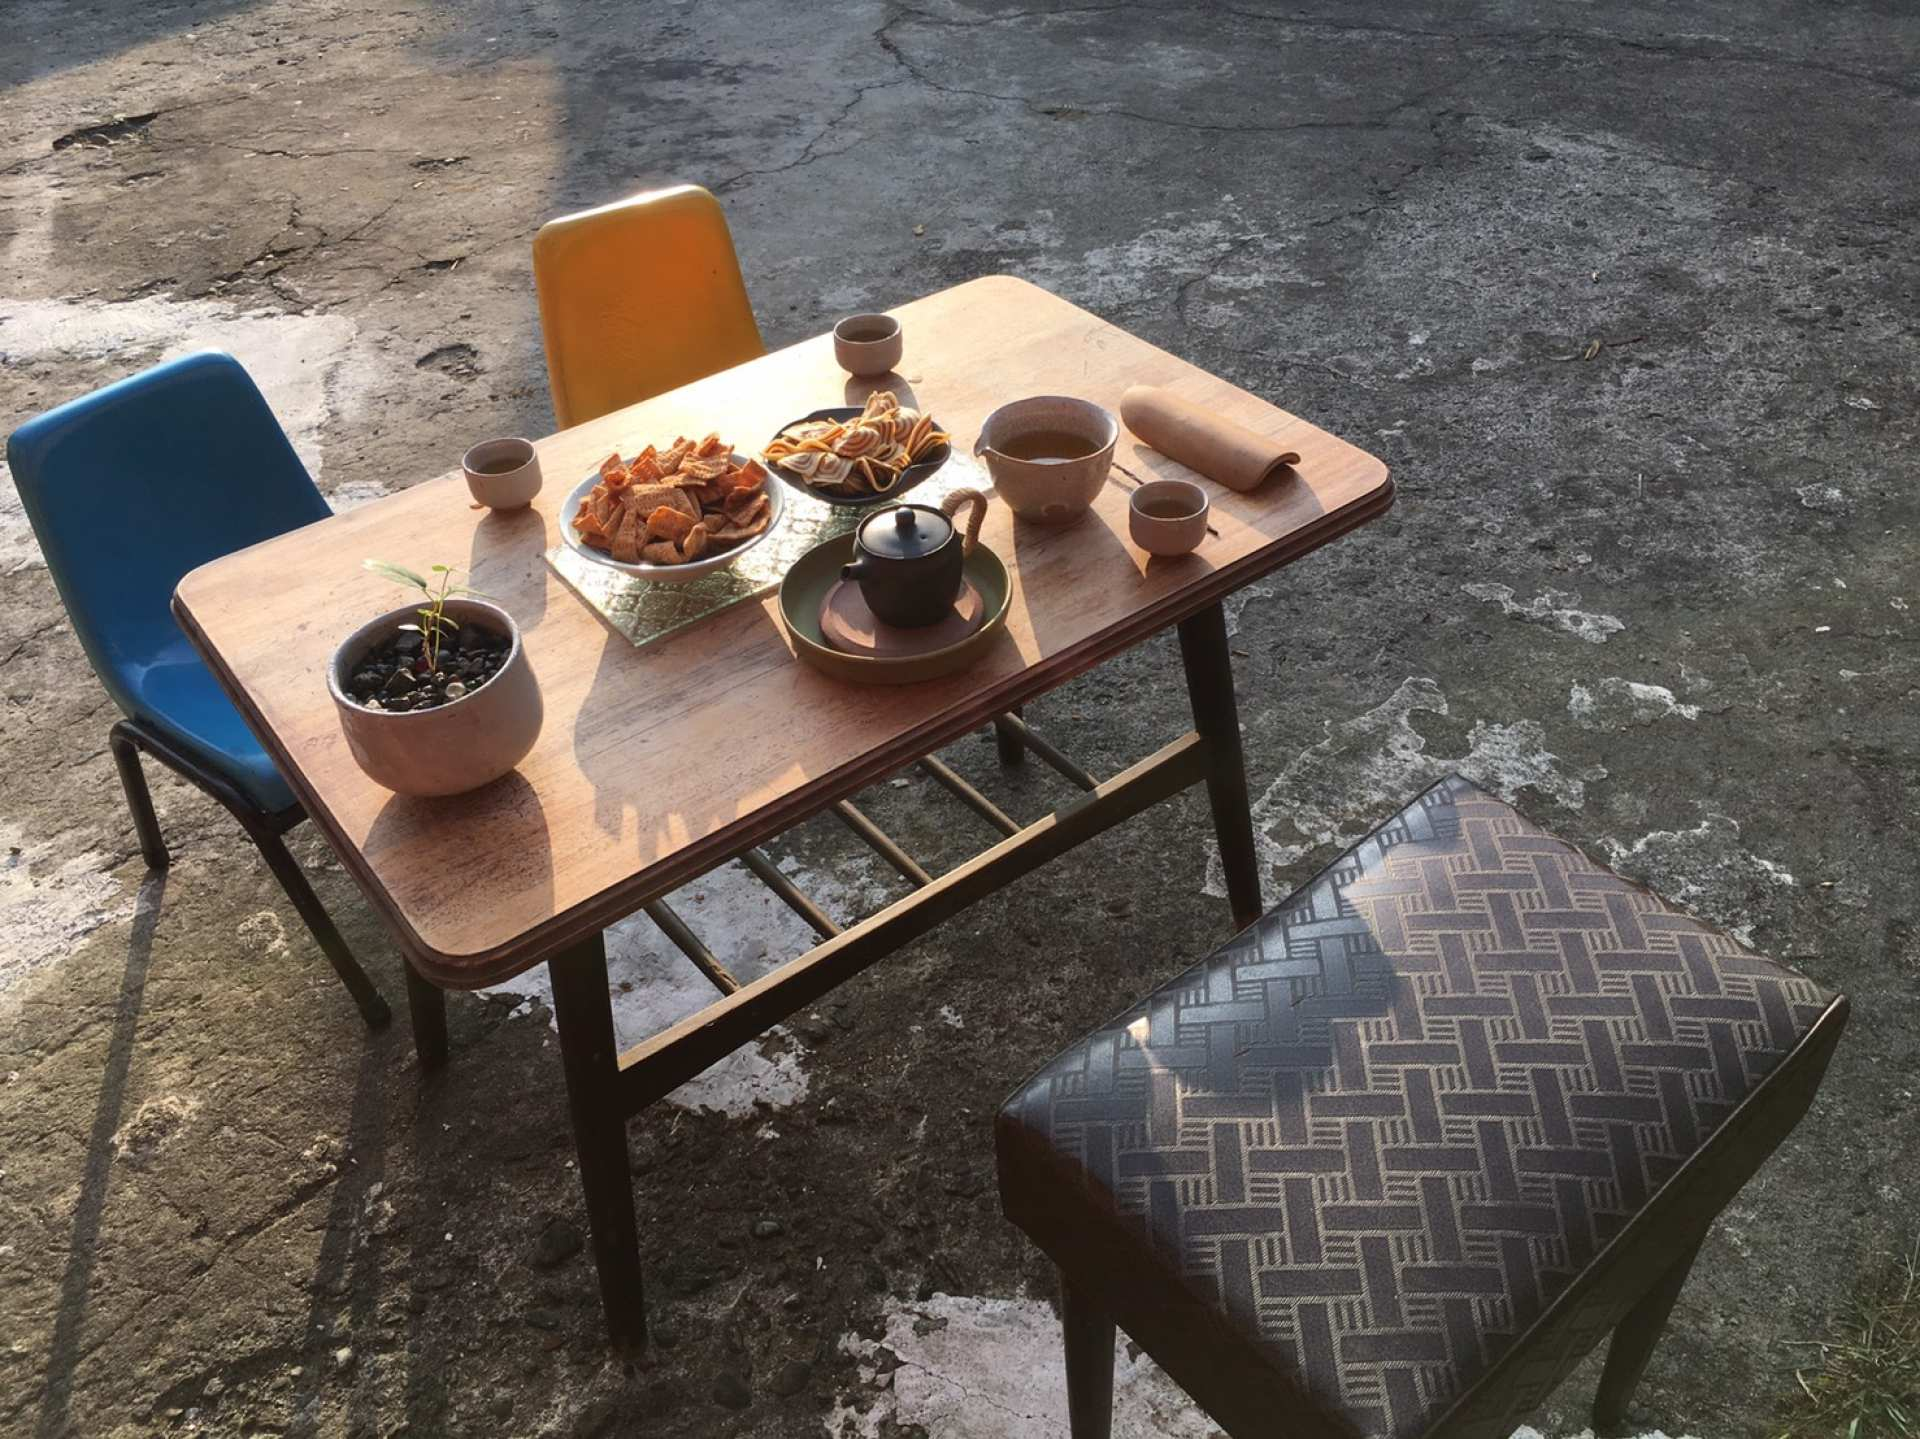 【新竹北埔茶文化】佐京茶陶|慢活三合院精緻茶席體驗